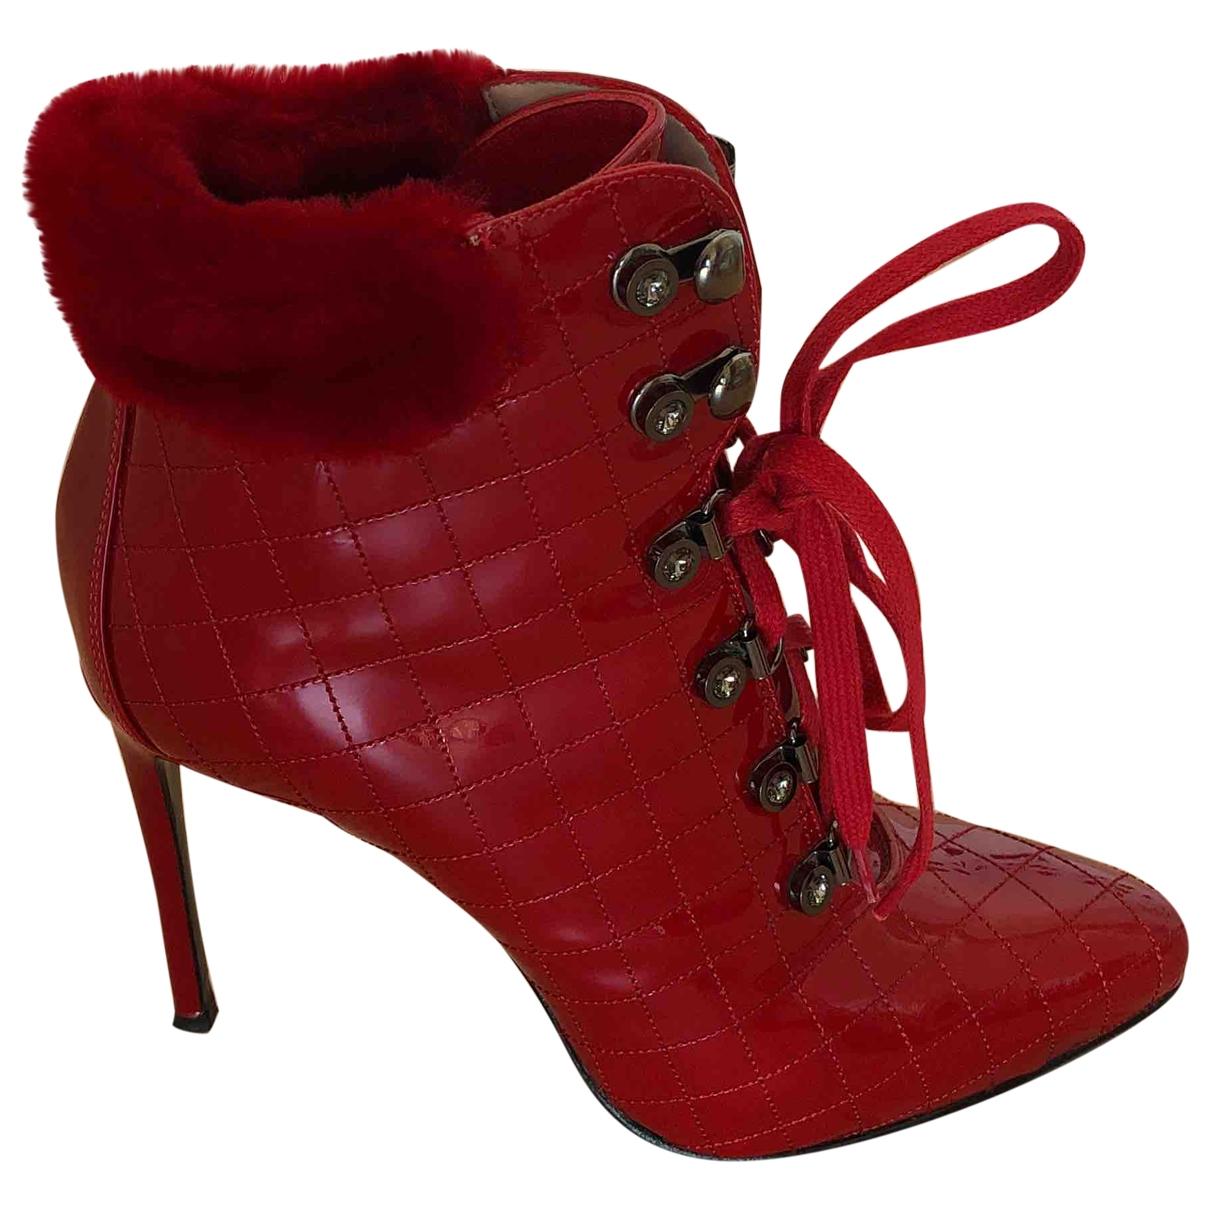 Le Silla - Derbies   pour femme en cuir - rouge